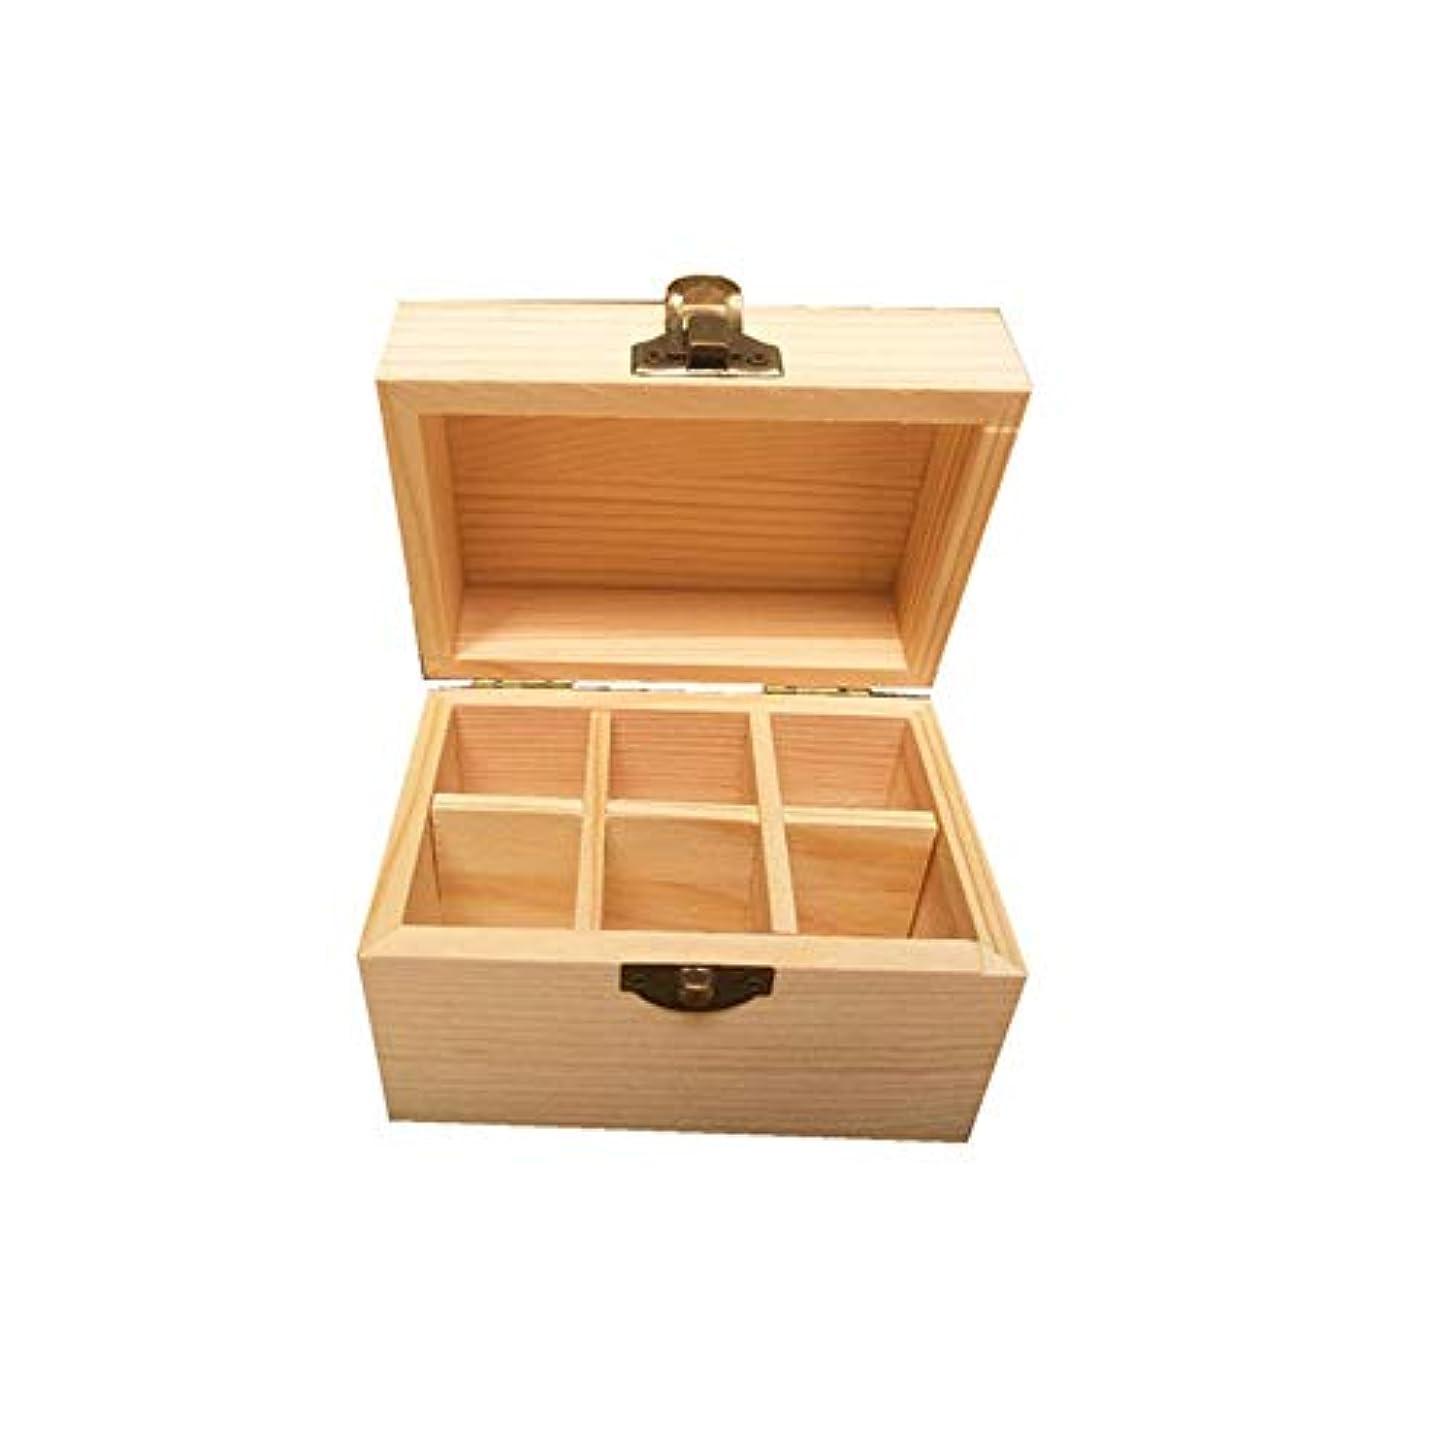 居心地の良い東部はねかけるアロマセラピー収納ボックス ウッド精油収納ボックスの6種類は、油があなたの最高のエッセンシャルオイルを披露完璧なケースです エッセンシャルオイル収納ボックス (色 : Natural, サイズ : 12X8X8.5CM)